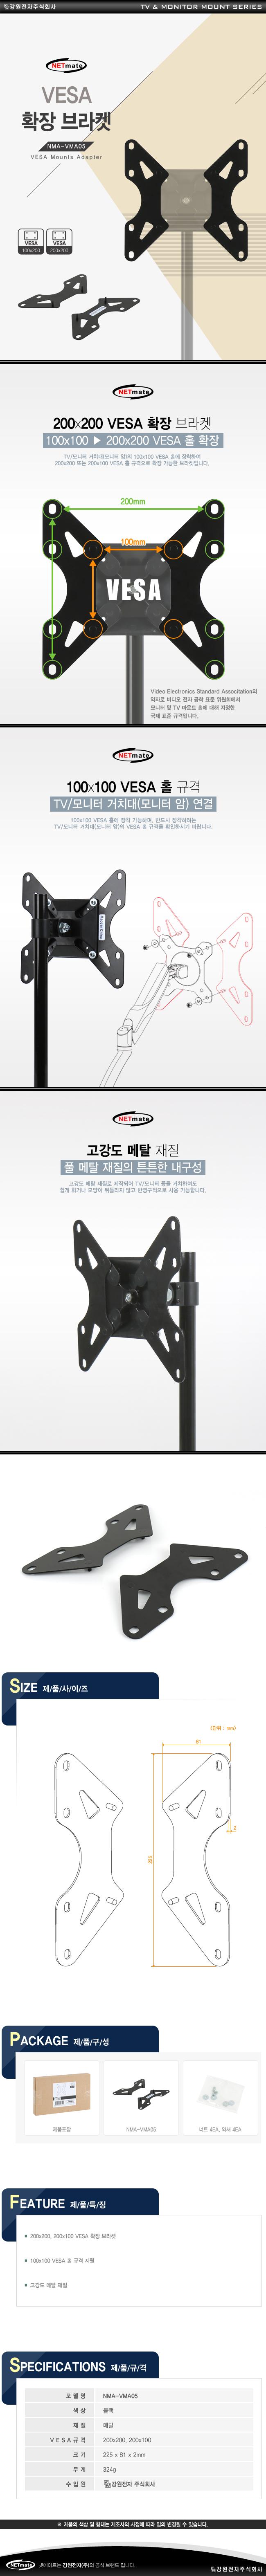 강원전자 NETmate NMA-VMA05 VESA 확장 브라켓